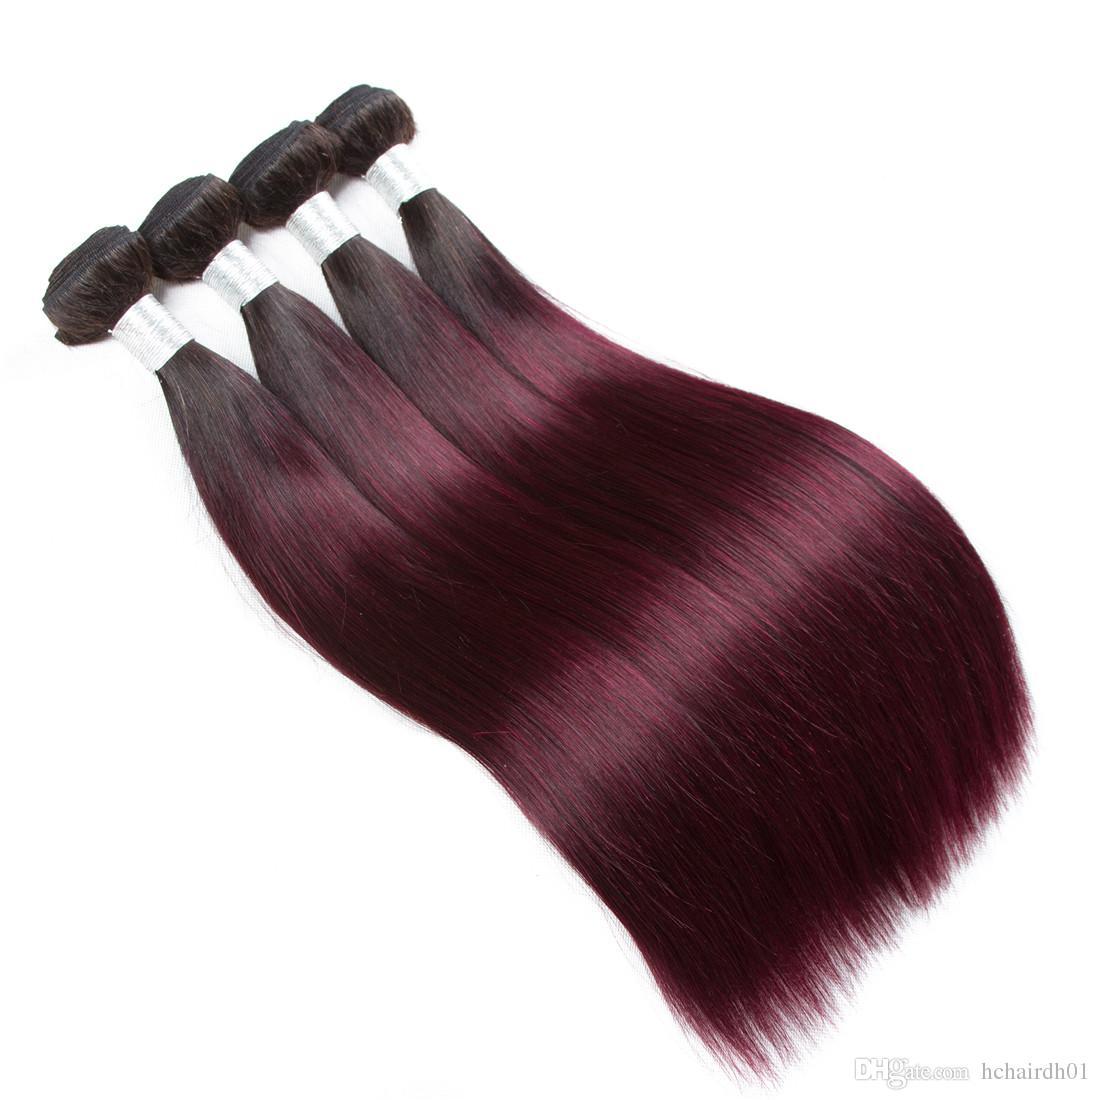 Мода Леди в цвета бразильского прямые волосы 3 пачки 1В/99j человеческих волос non-Реми Ombre волос Weave связки